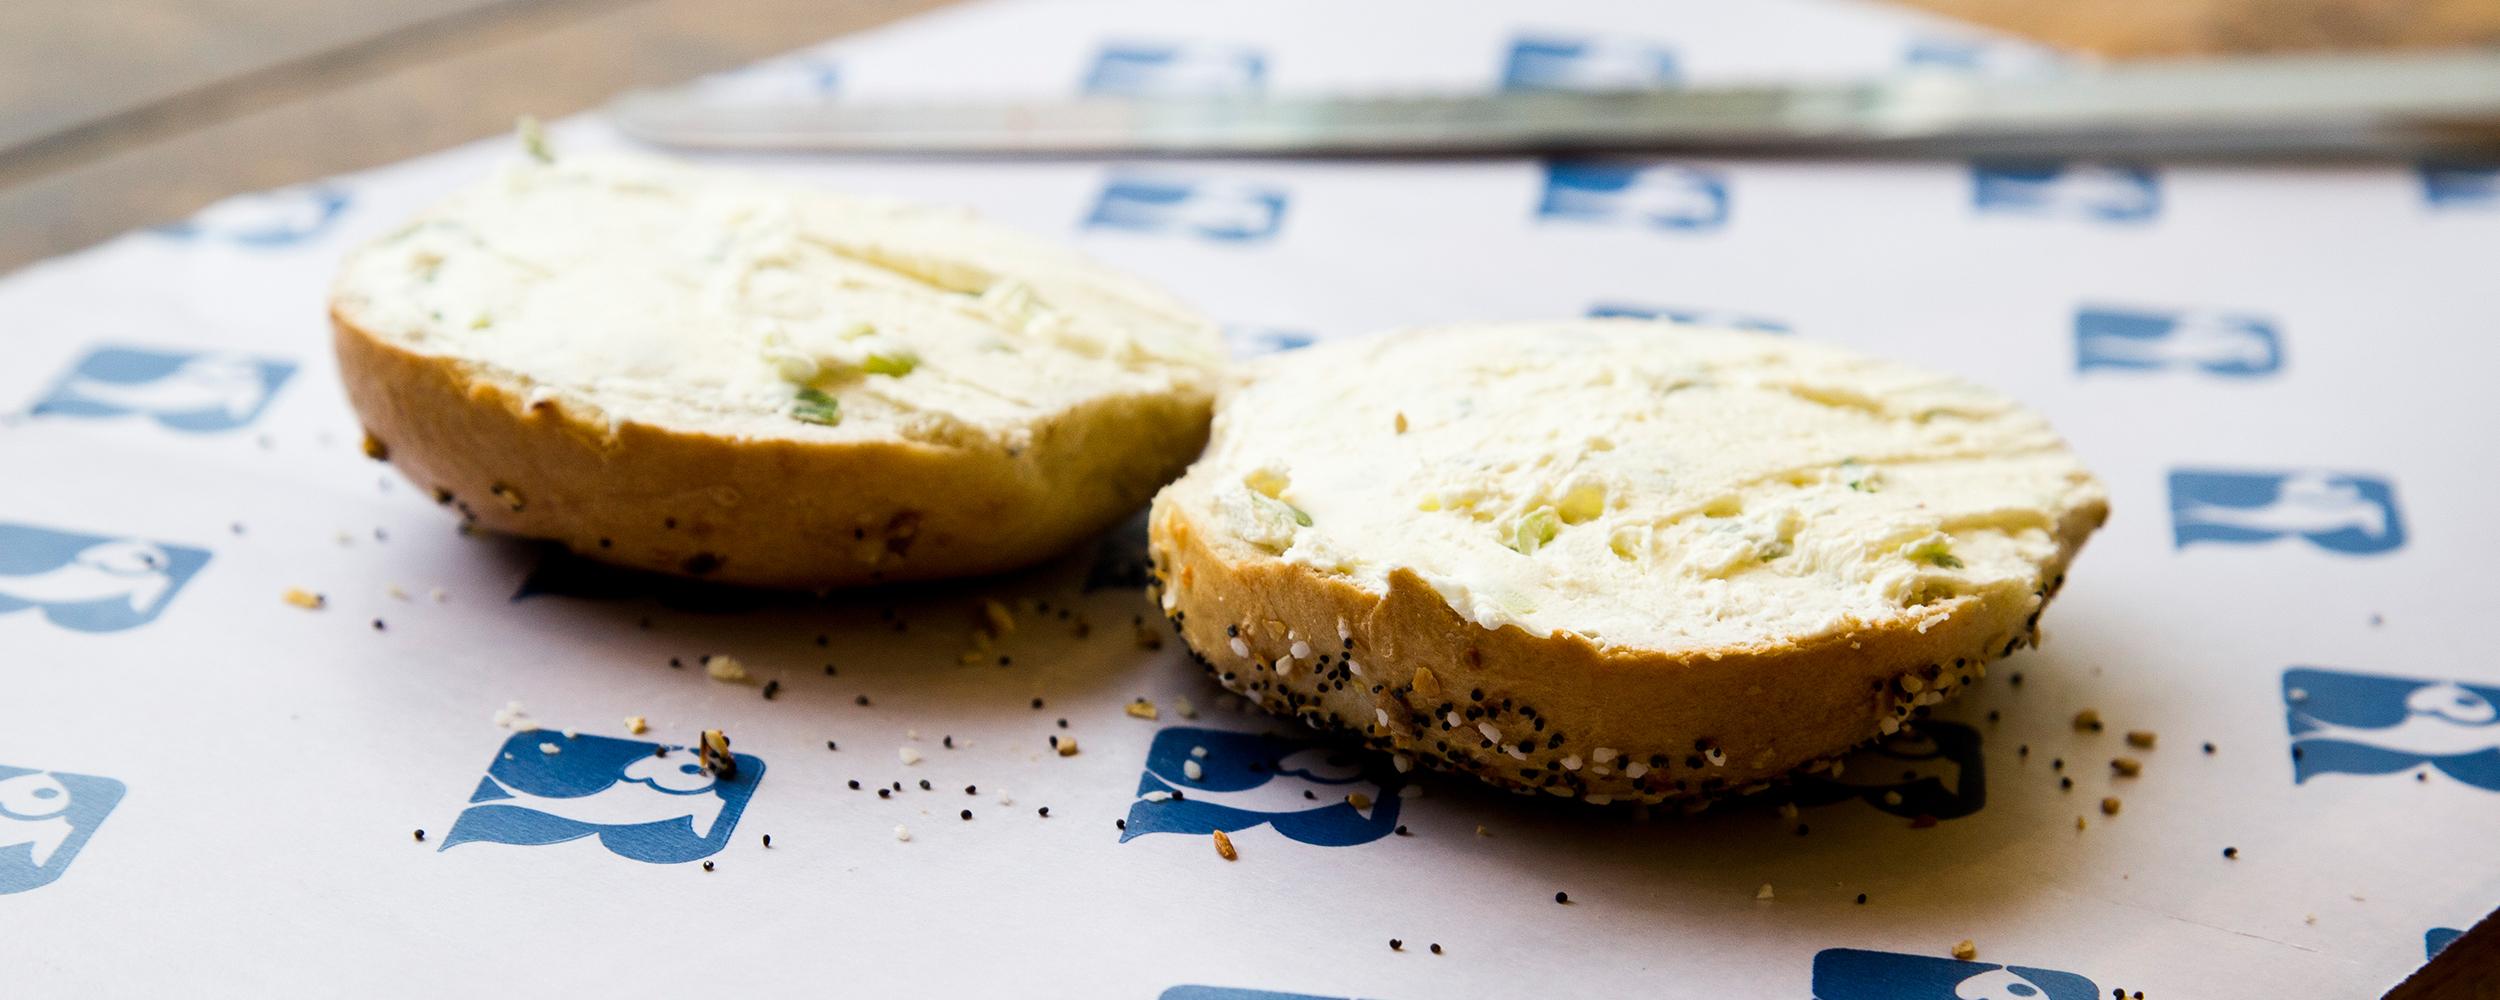 shop-home-image-bagels-sliced.jpg